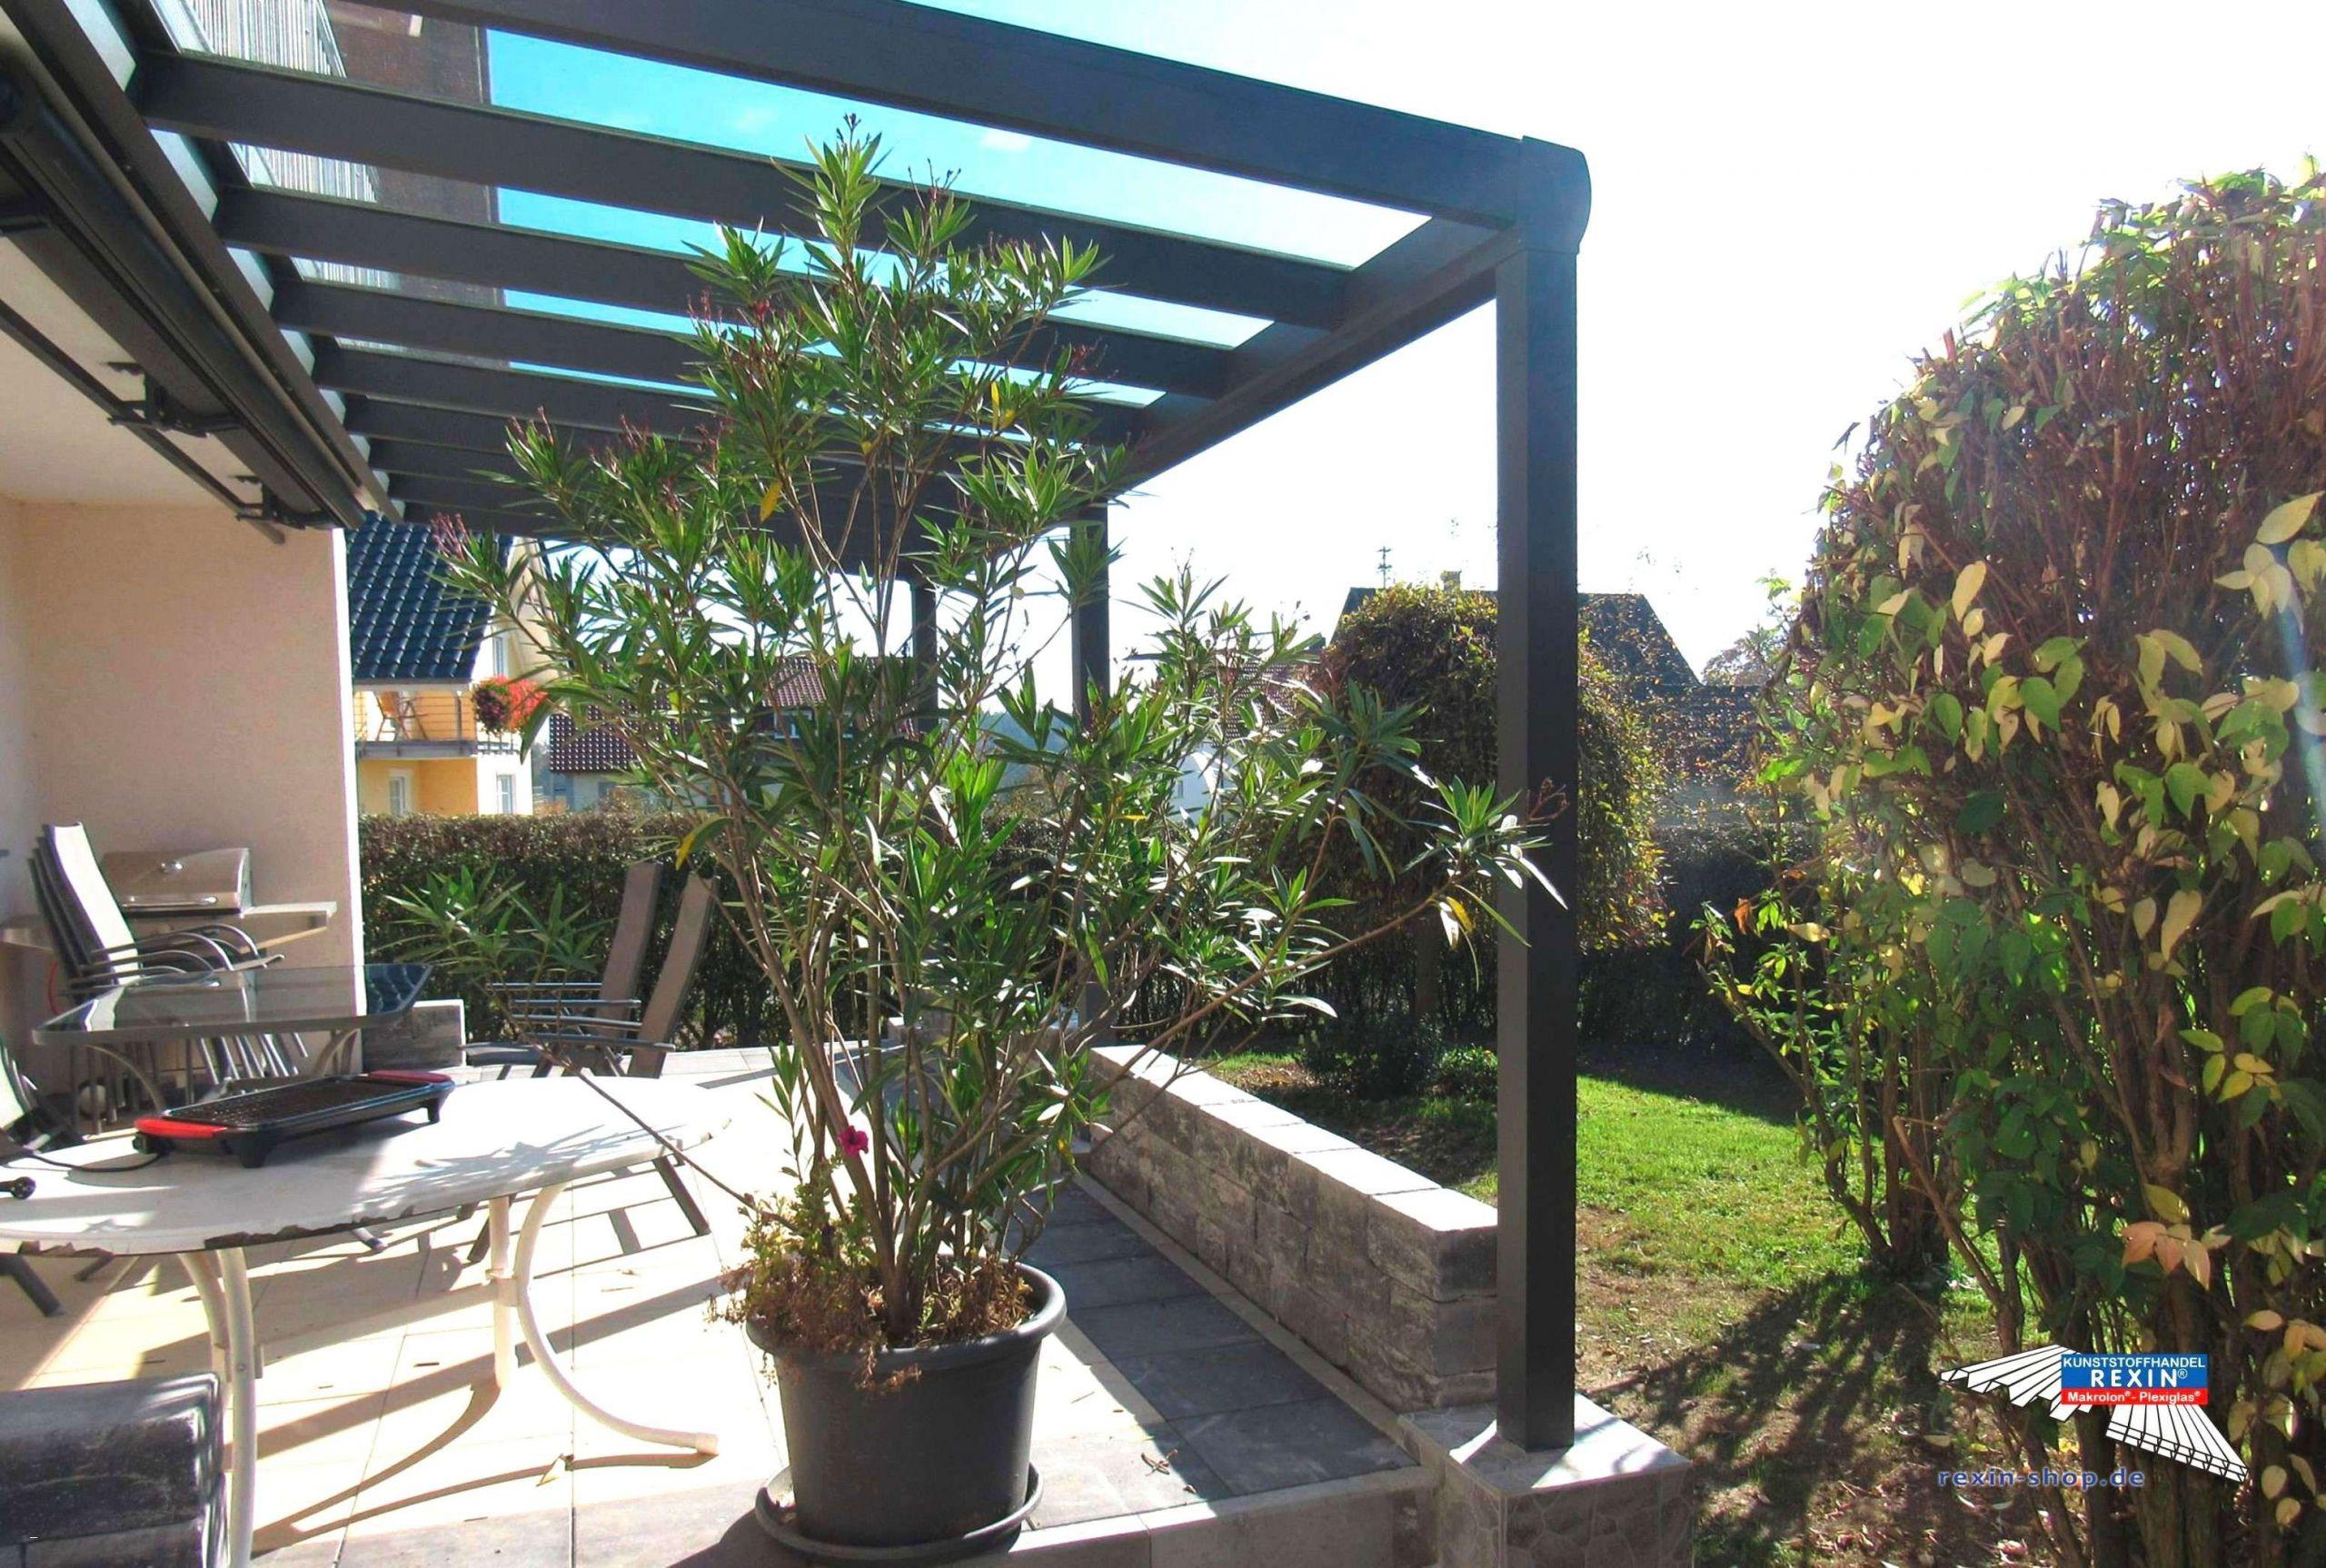 Balkon Garten Ideen Schön Garten Beispiele 35 Inspirierend Gartengestaltung Ideen